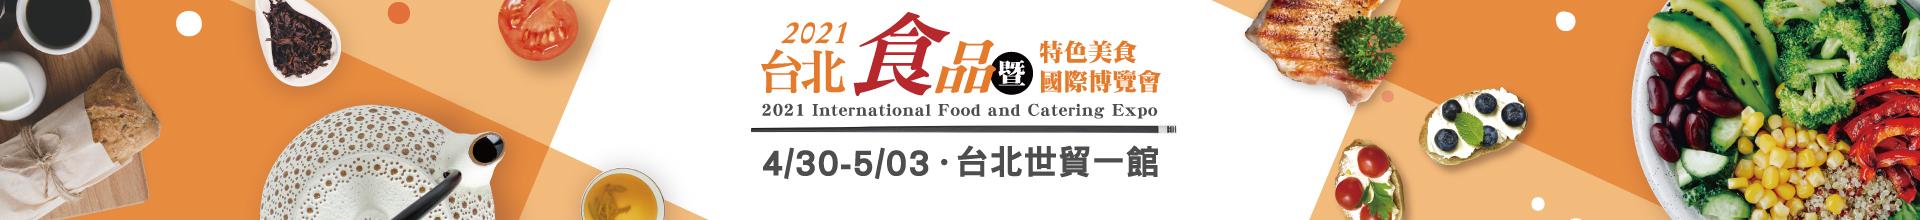 2021台北食品暨特色美食國際博覽會